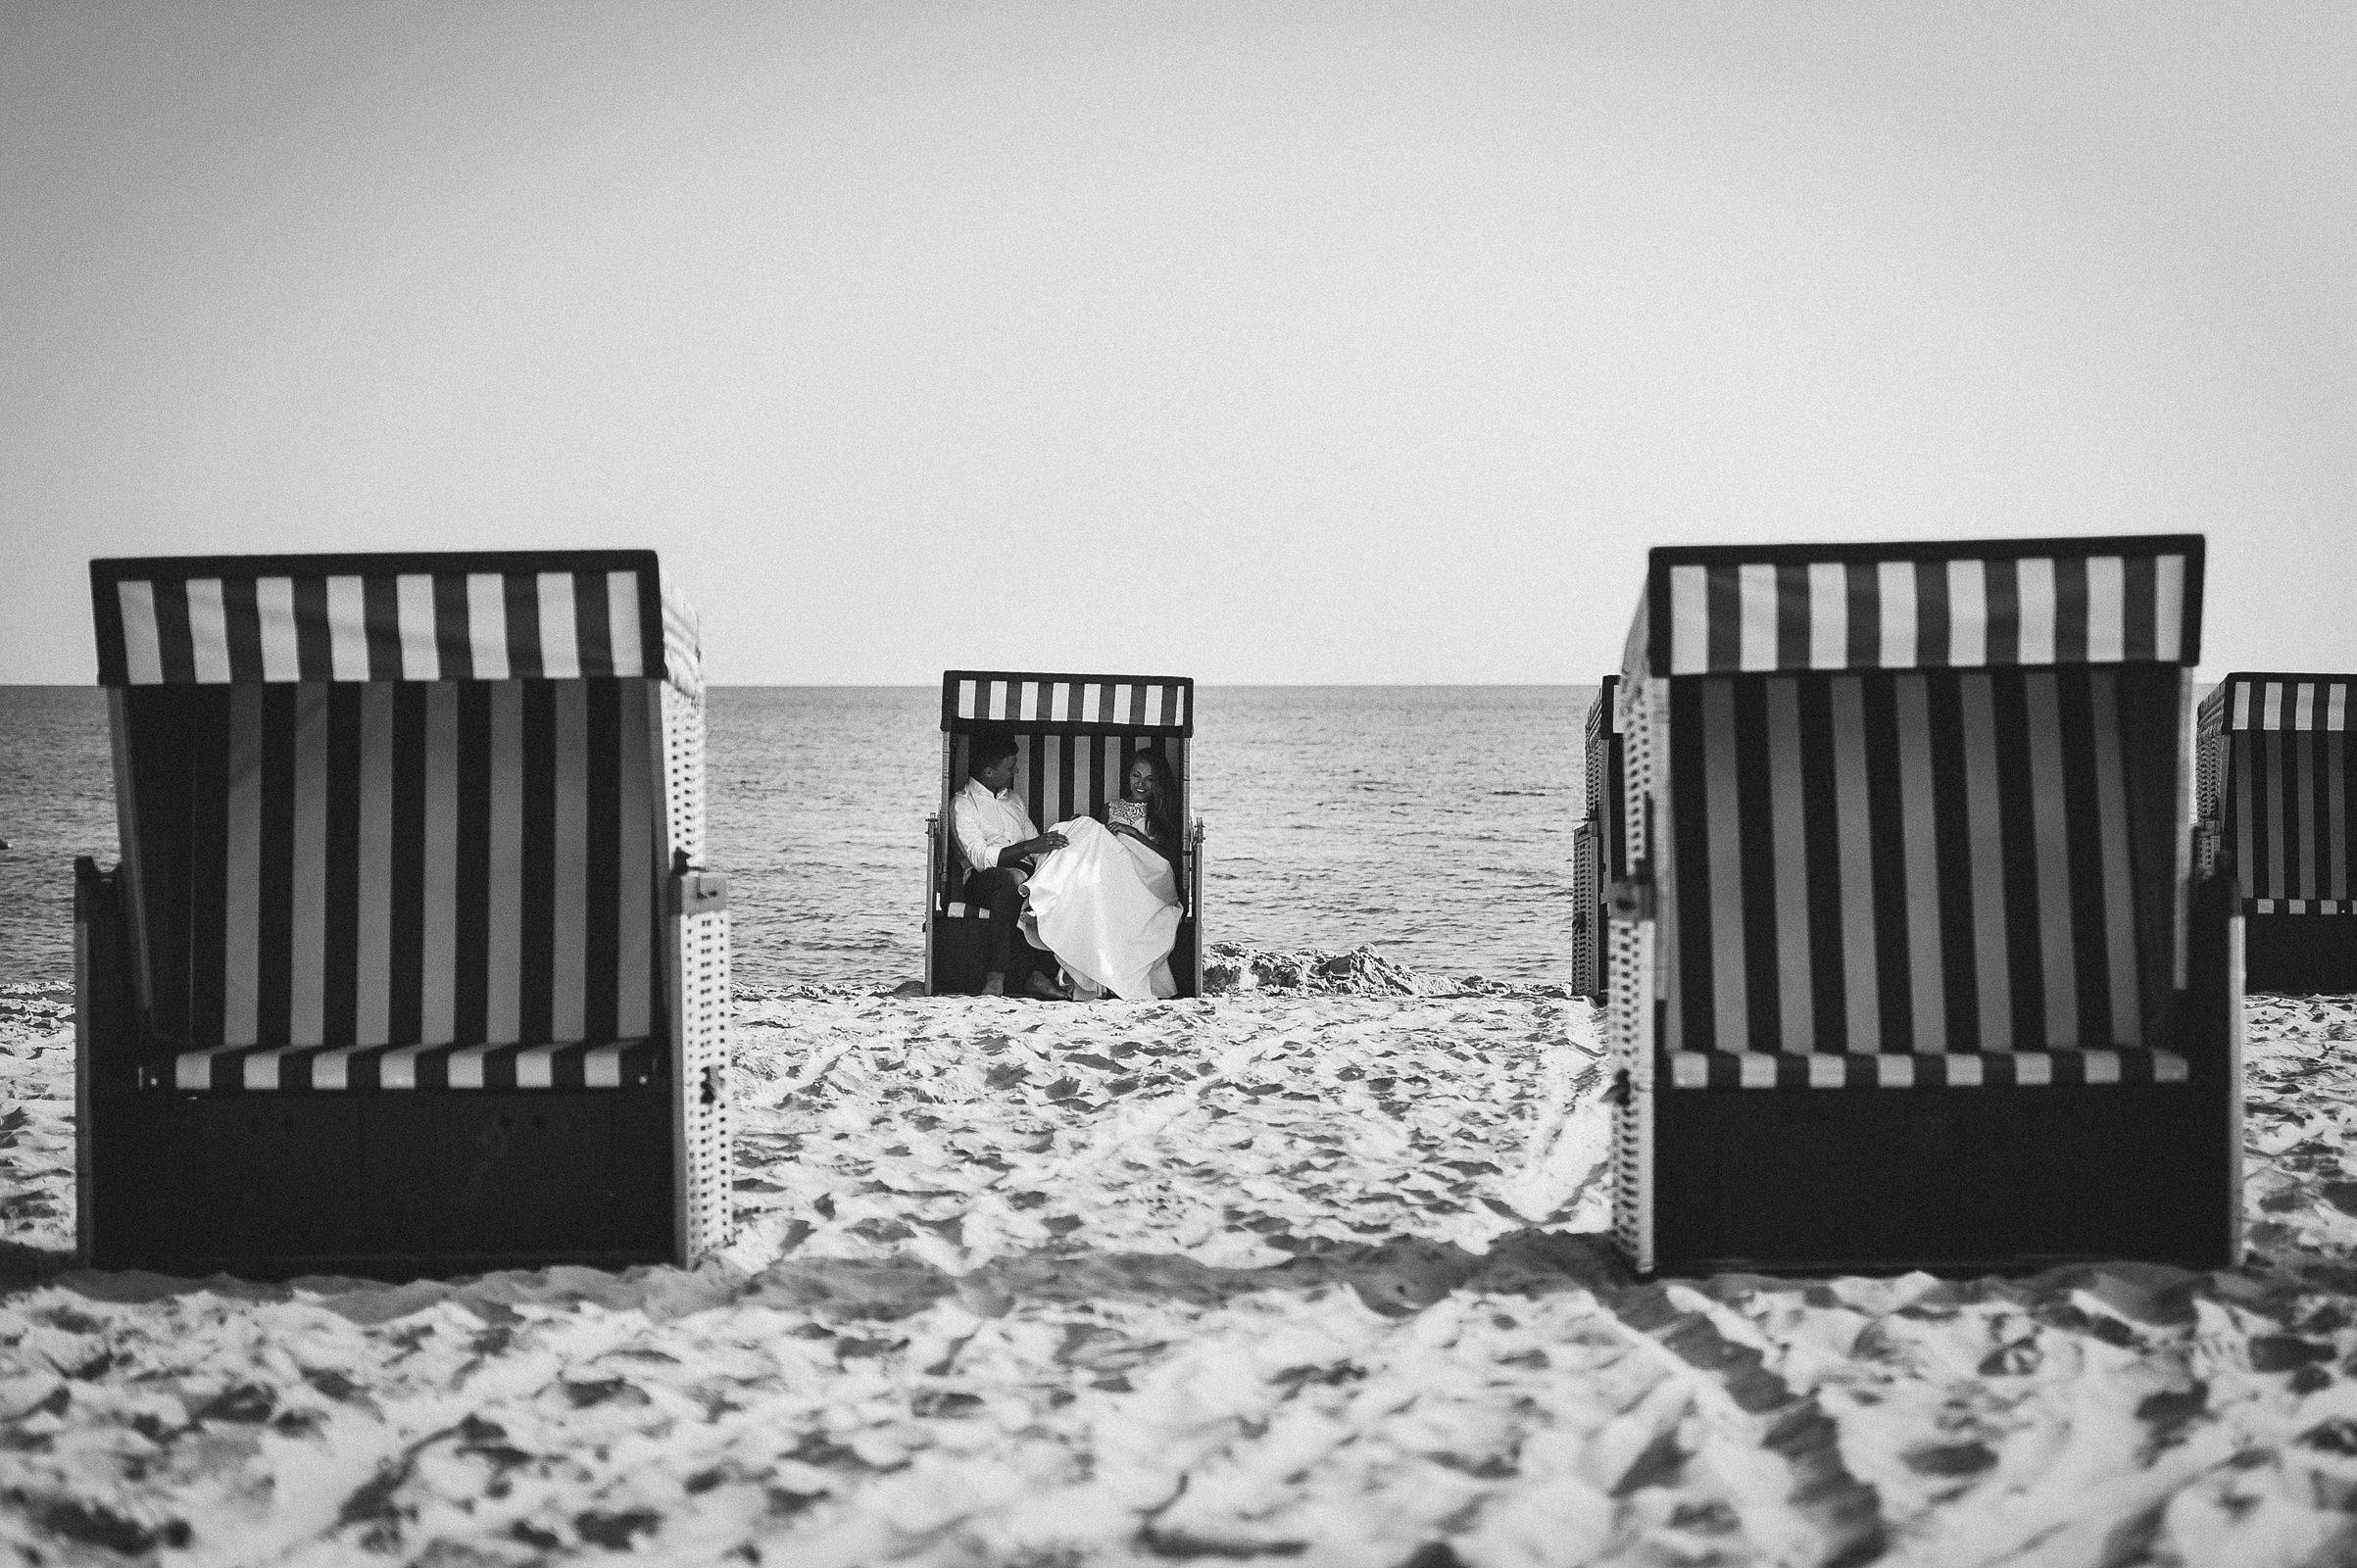 kosze plażowe to bardzo wdzięczny motyw do wykorzystania w sesji slubnej na plaży